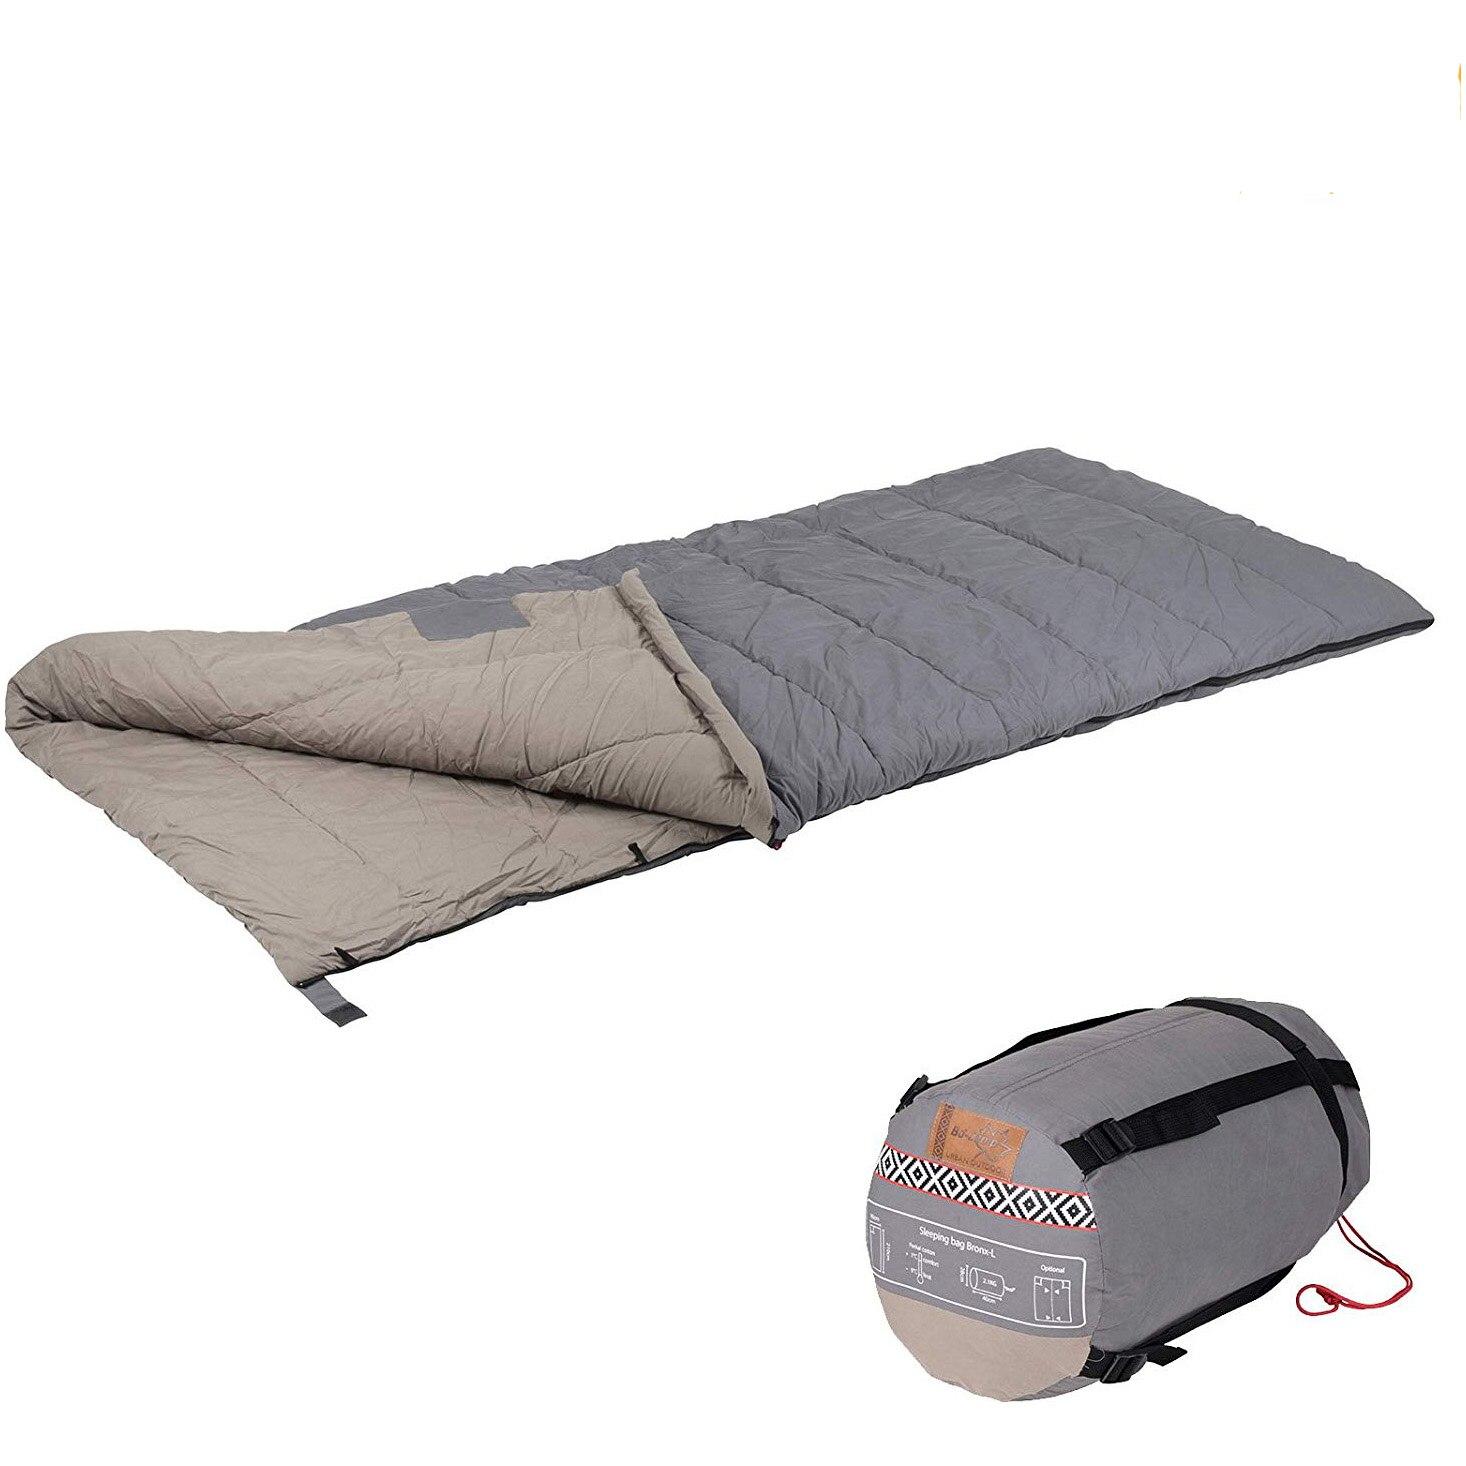 Fotografie Sac de dormit Bo-Camp Bronx 3D hollow fibre fibre, comfort -10º, 215x85cm, Grey